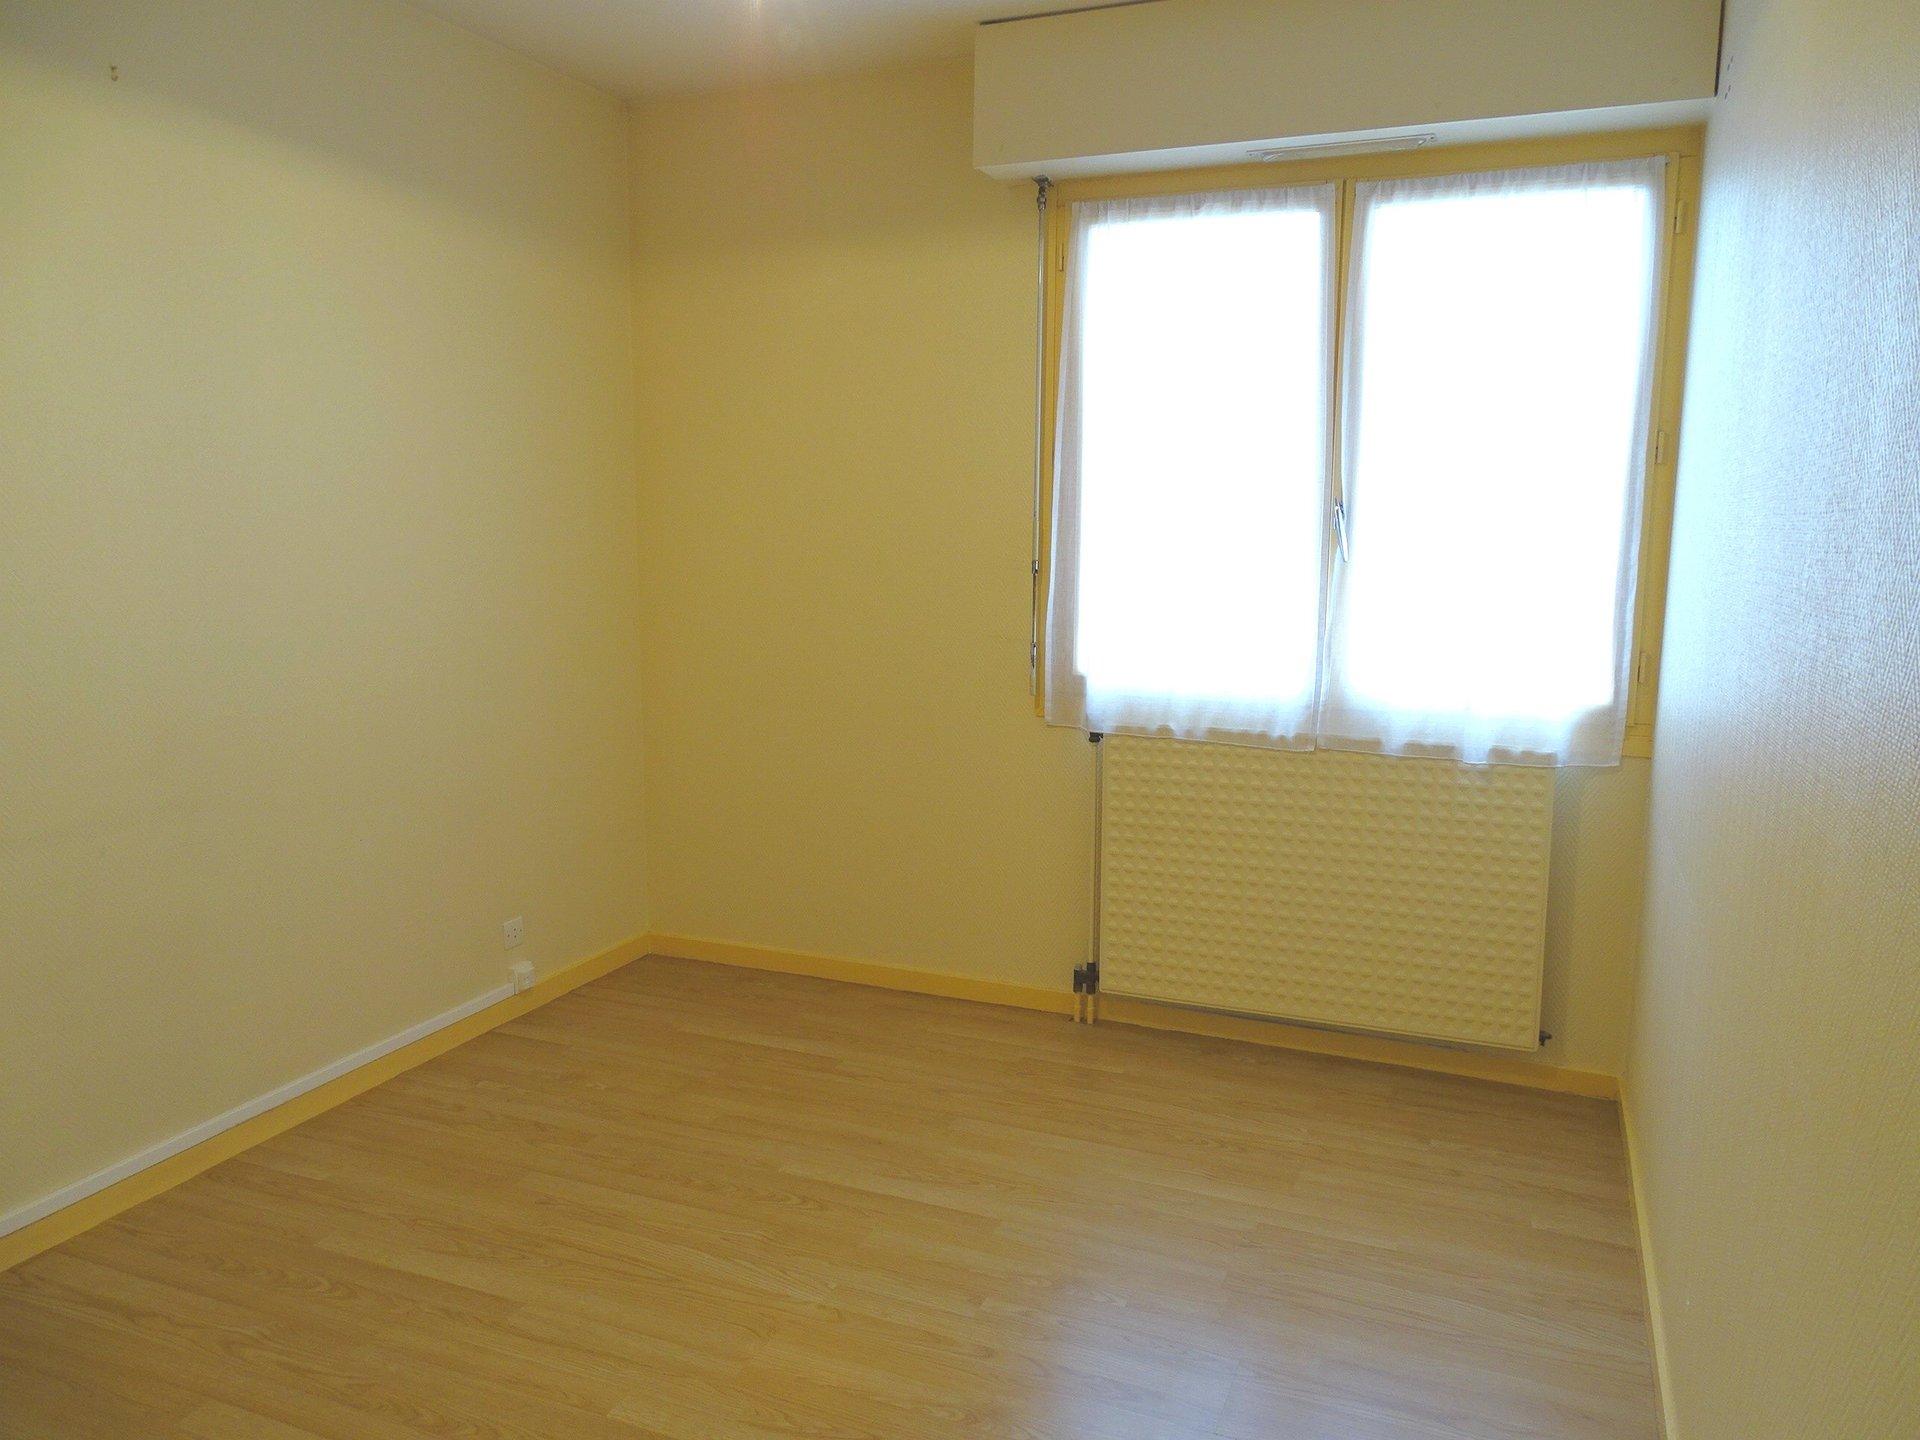 Dans une belle copropriété des plus recherchée, venez découvrir cet appartement de 47 m2. Idéalement situé, vous apprécierez l?environnement qu?il offre : à proximité immédiate de tous les commerces.  Il se compose d?un hall d?entrée avec placard, d'une pièce de vie lumineuse, d'une cuisine attenante pouvant s?ouvrir sur le séjour.  Un couloir viendra desservir une chambre, une salle de bain à personnaliser avec baignoire et un toilette.  Vous apprécierez l?environnement, son emplacement et la propreté de ce bien. Prestations complémentaires : place de stationnement et cave.  Bien soumis au régime de la copropriété, charges 182,52 euros/ trimestre.  Honoraires à la charge du vendeur.